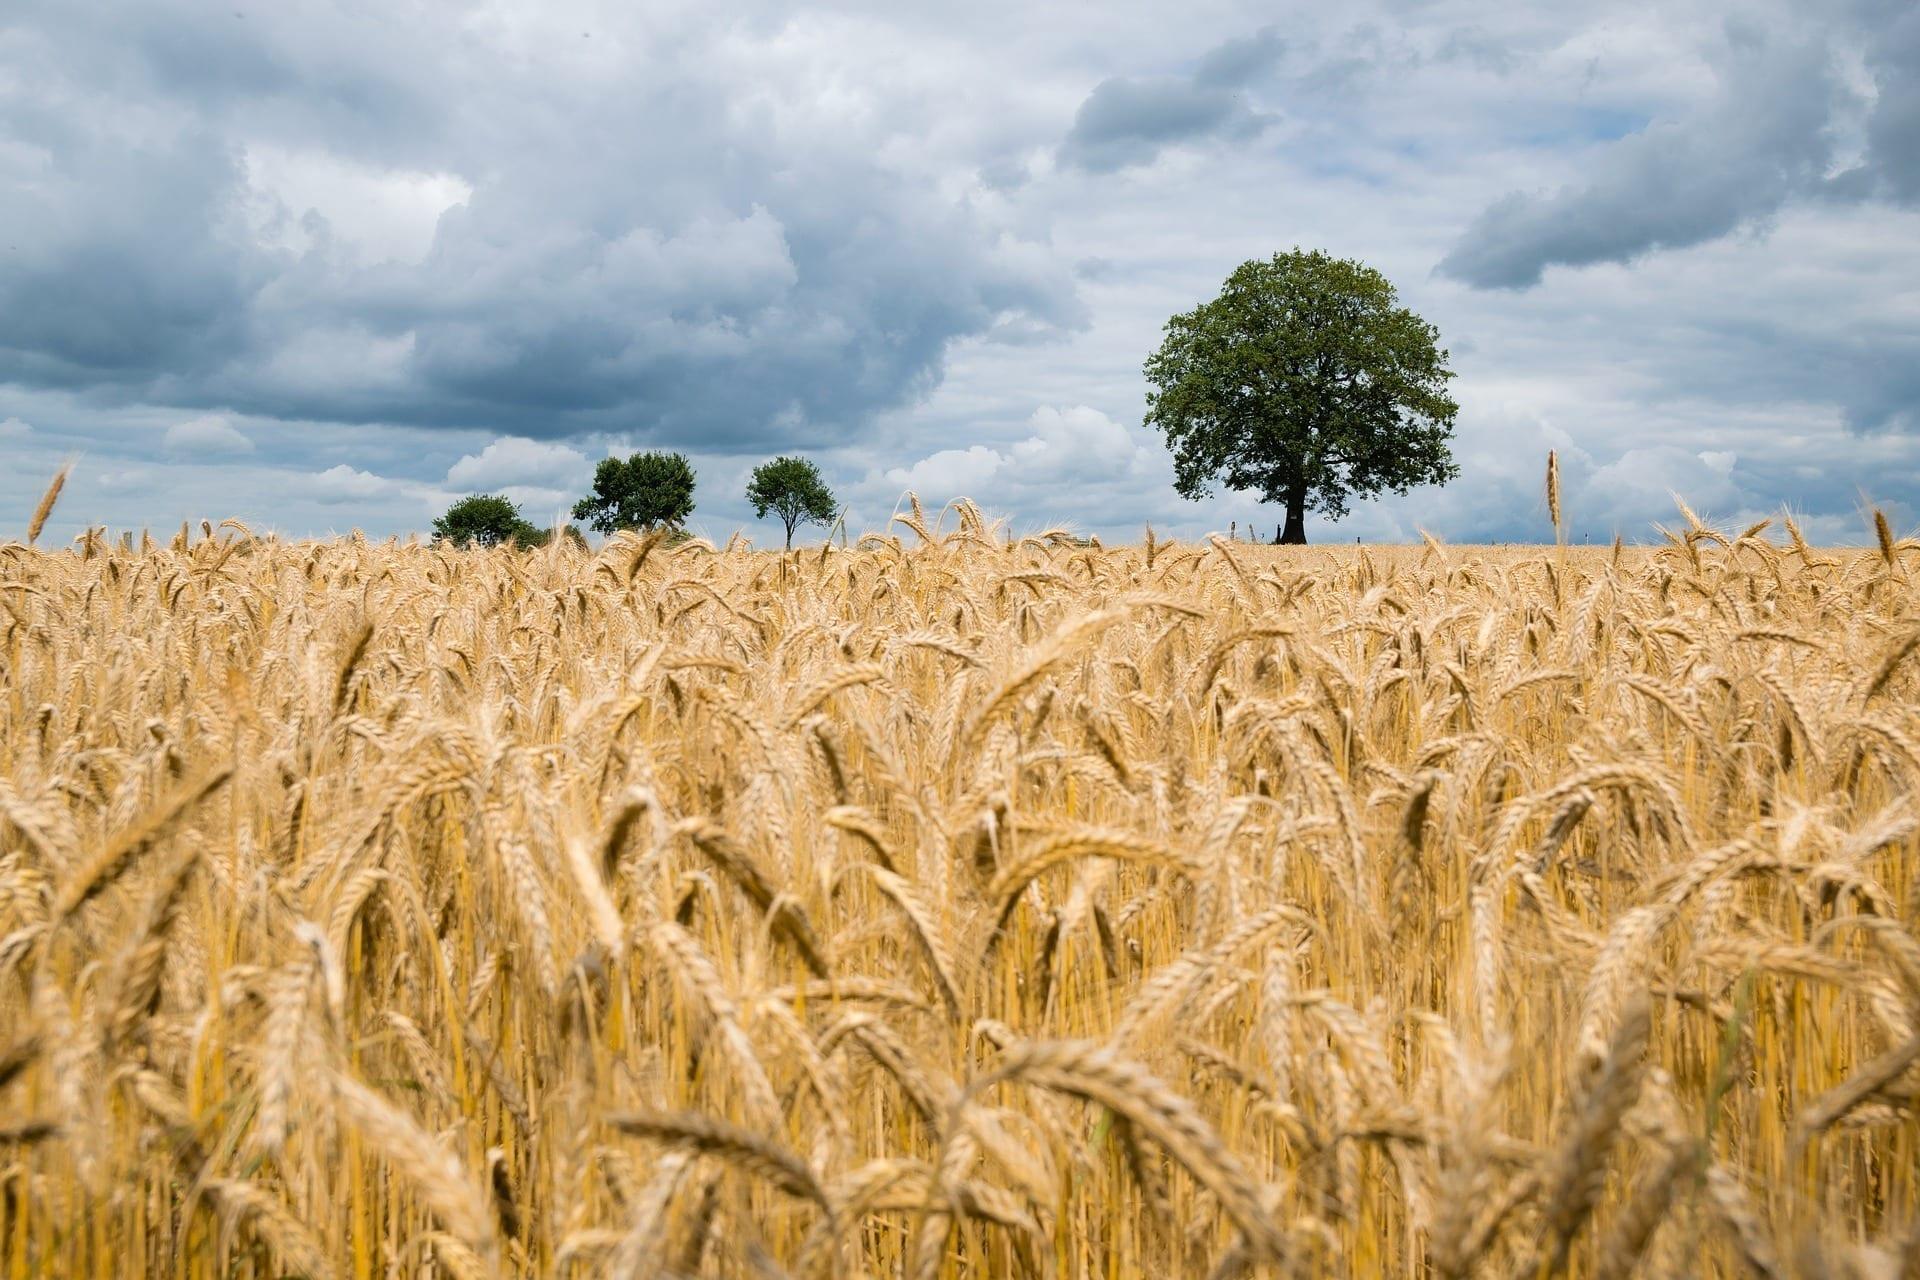 Vplyv zmeny klímy na úrodu a bielkovinovú skladbu pšenice